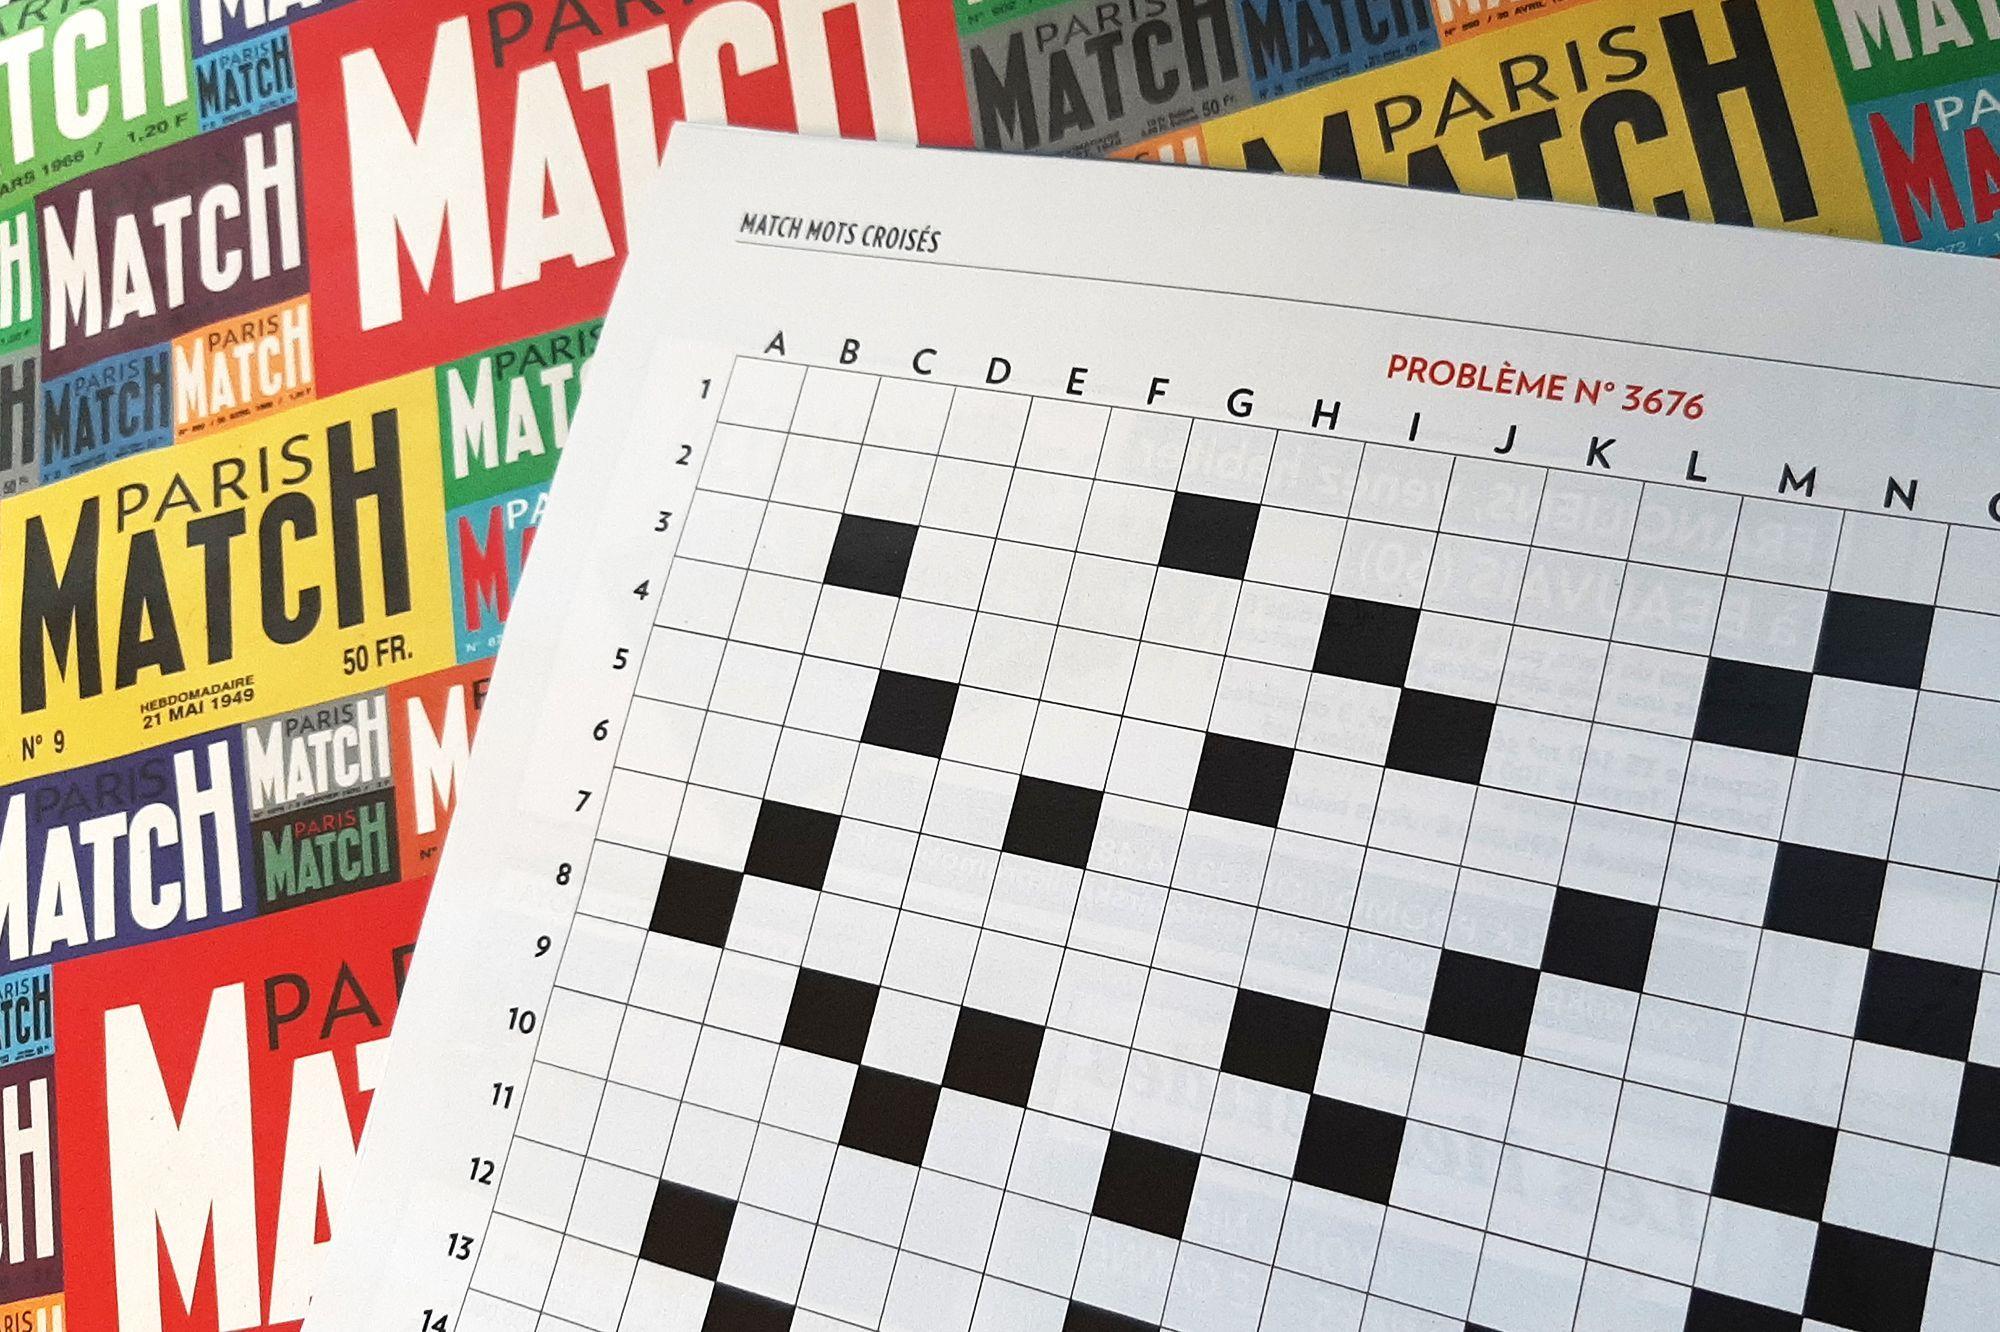 La Solution Des Mots-Croisés De Paris Match N°3676 à Resultat Mots Croises